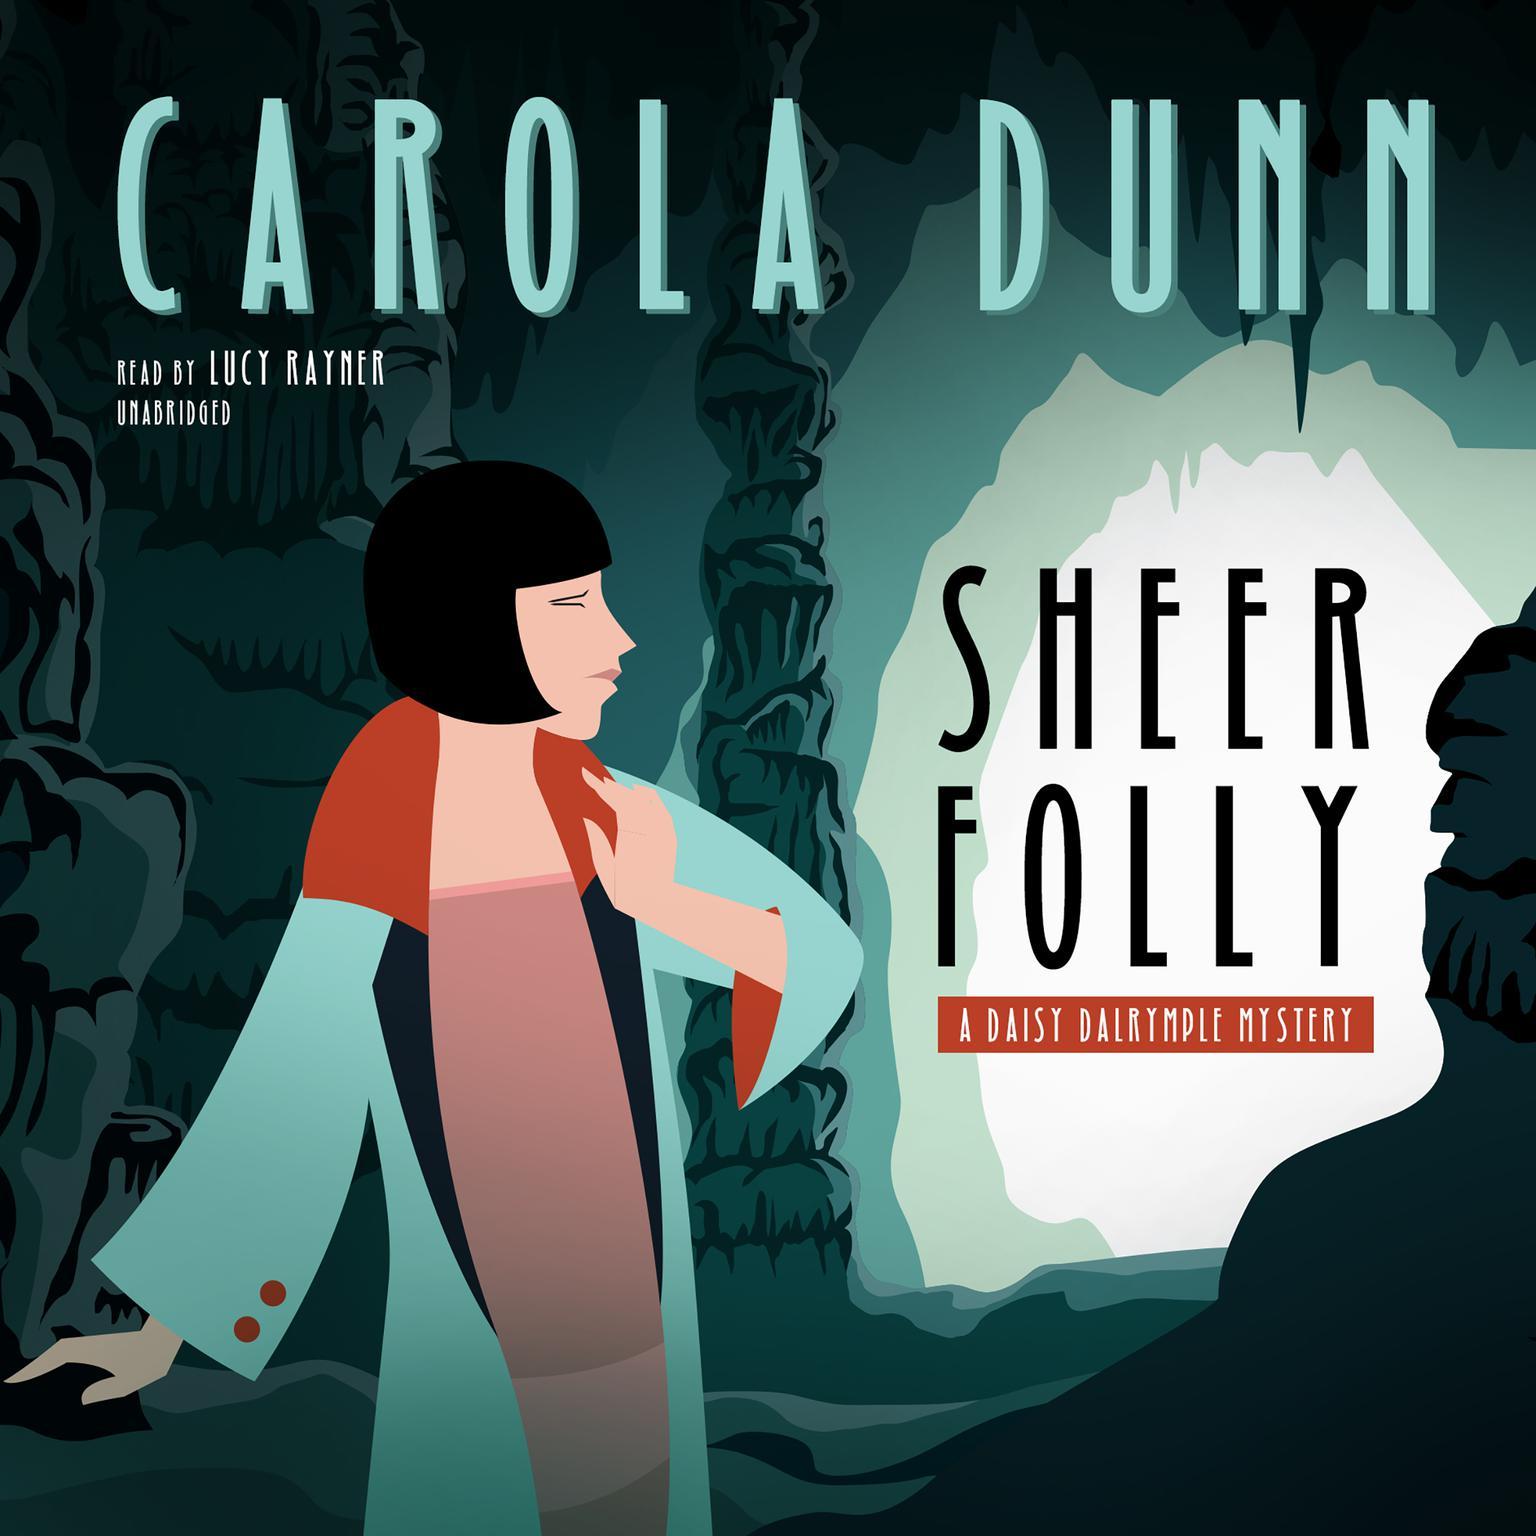 Sheer Folly: A Daisy Dalrymple Mystery Audiobook, by Carola Dunn